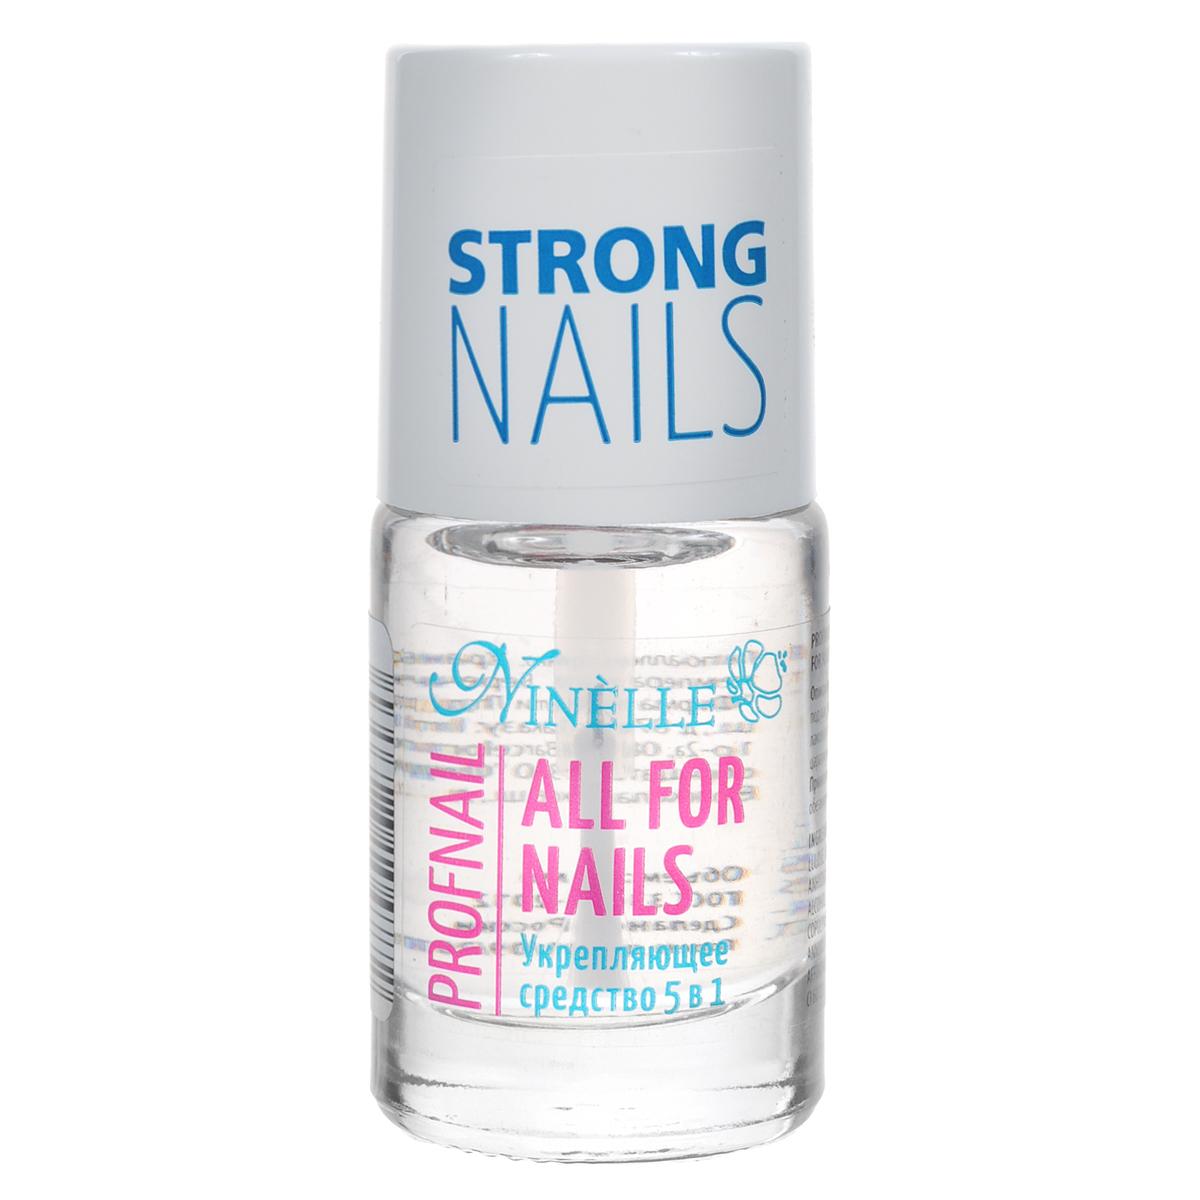 Ninelle Укрепляющее средство для ногтей 5 в 1 All For Nails, 11 мл5010777139655Обладая укрепляющими свойствами, может использоваться как база под лак и как верхнее защитное покрытие. Помогает решить проблему слоящихся ногтей. Экстракт овса и алоэ вера защищают ноготь от вредного воздействия внешней среды и бытовой химии. Фиксирует декоративный лак, исключая возможность быстрого отслоения и потрескивания. В качестве закрепителя сохраняет кристальный блеск и предохраняет от выцветания. Товар сертифицирован.